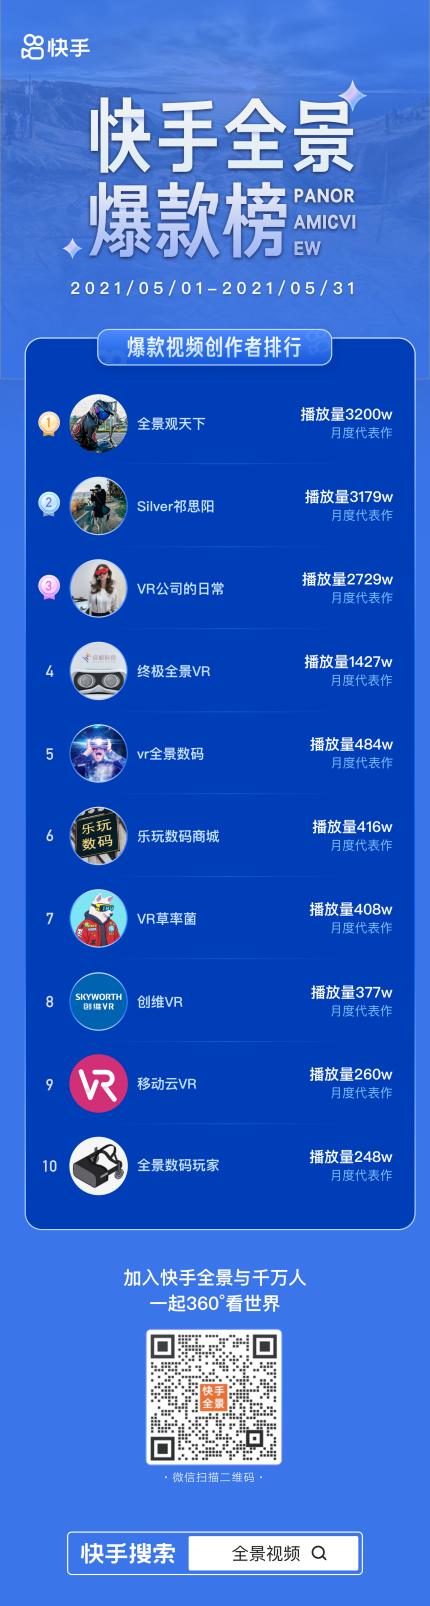 快手5月全景视频榜单来袭,来看看有哪些播放量千万级作品|新浪VR首发